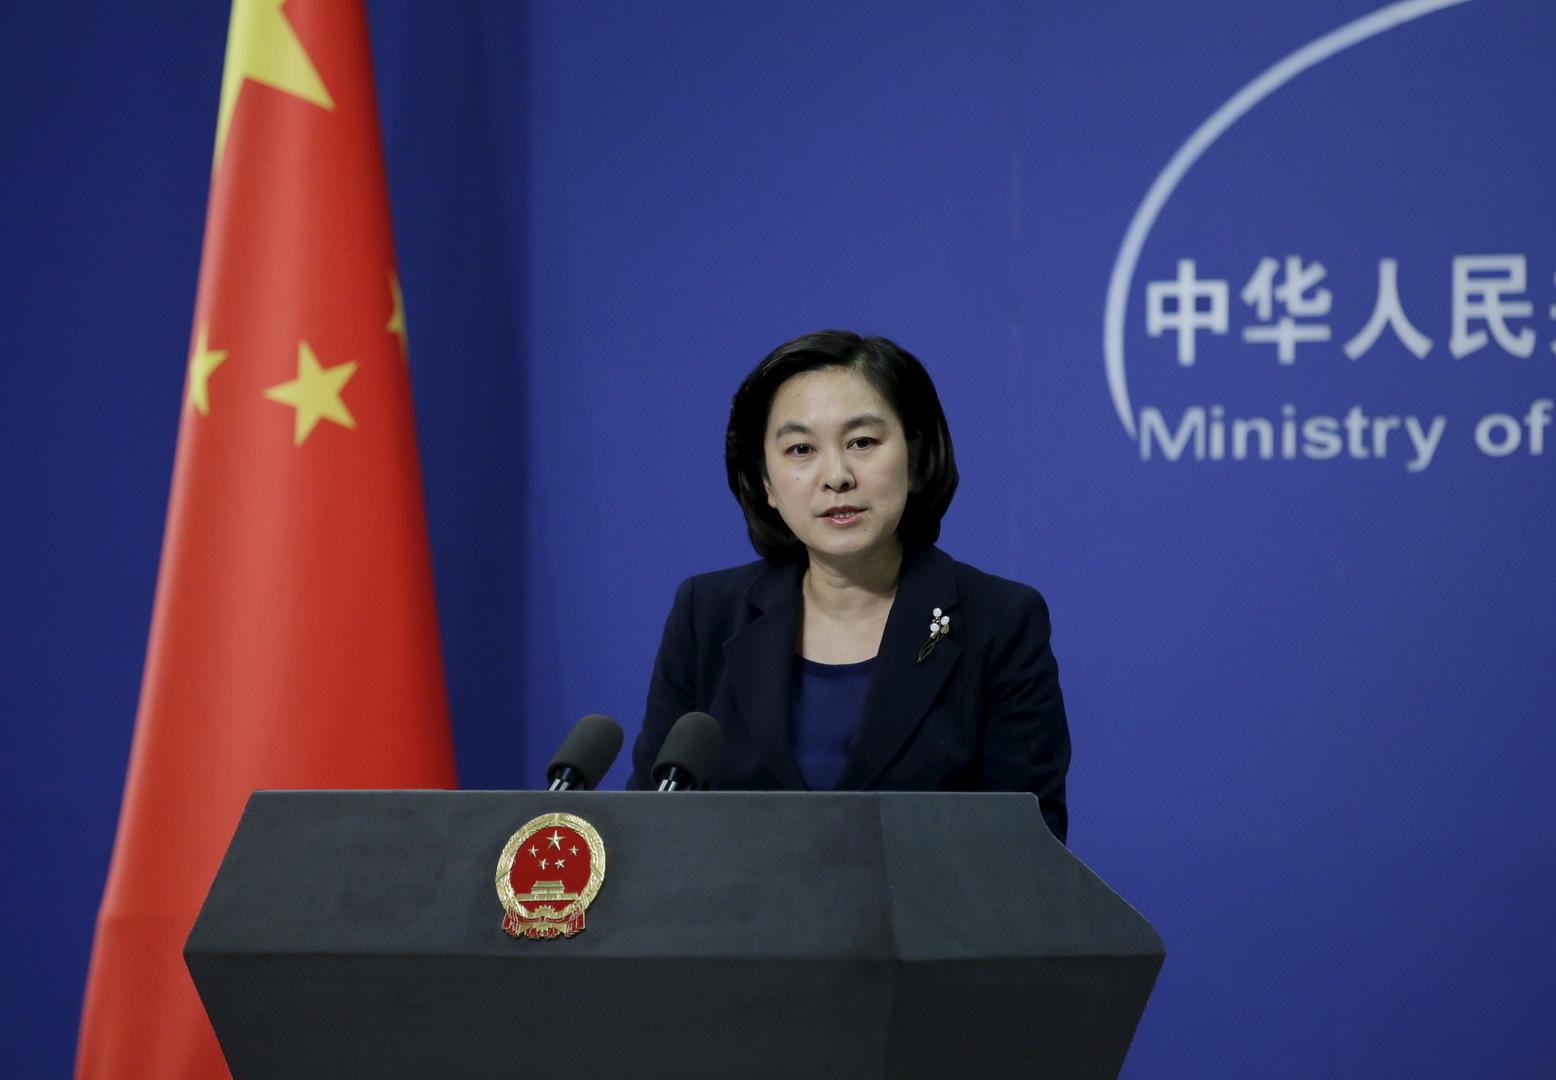 الخارجية الصينية: سفارتنا بواشنطن تلقت تهديدات بتفجير وقتل